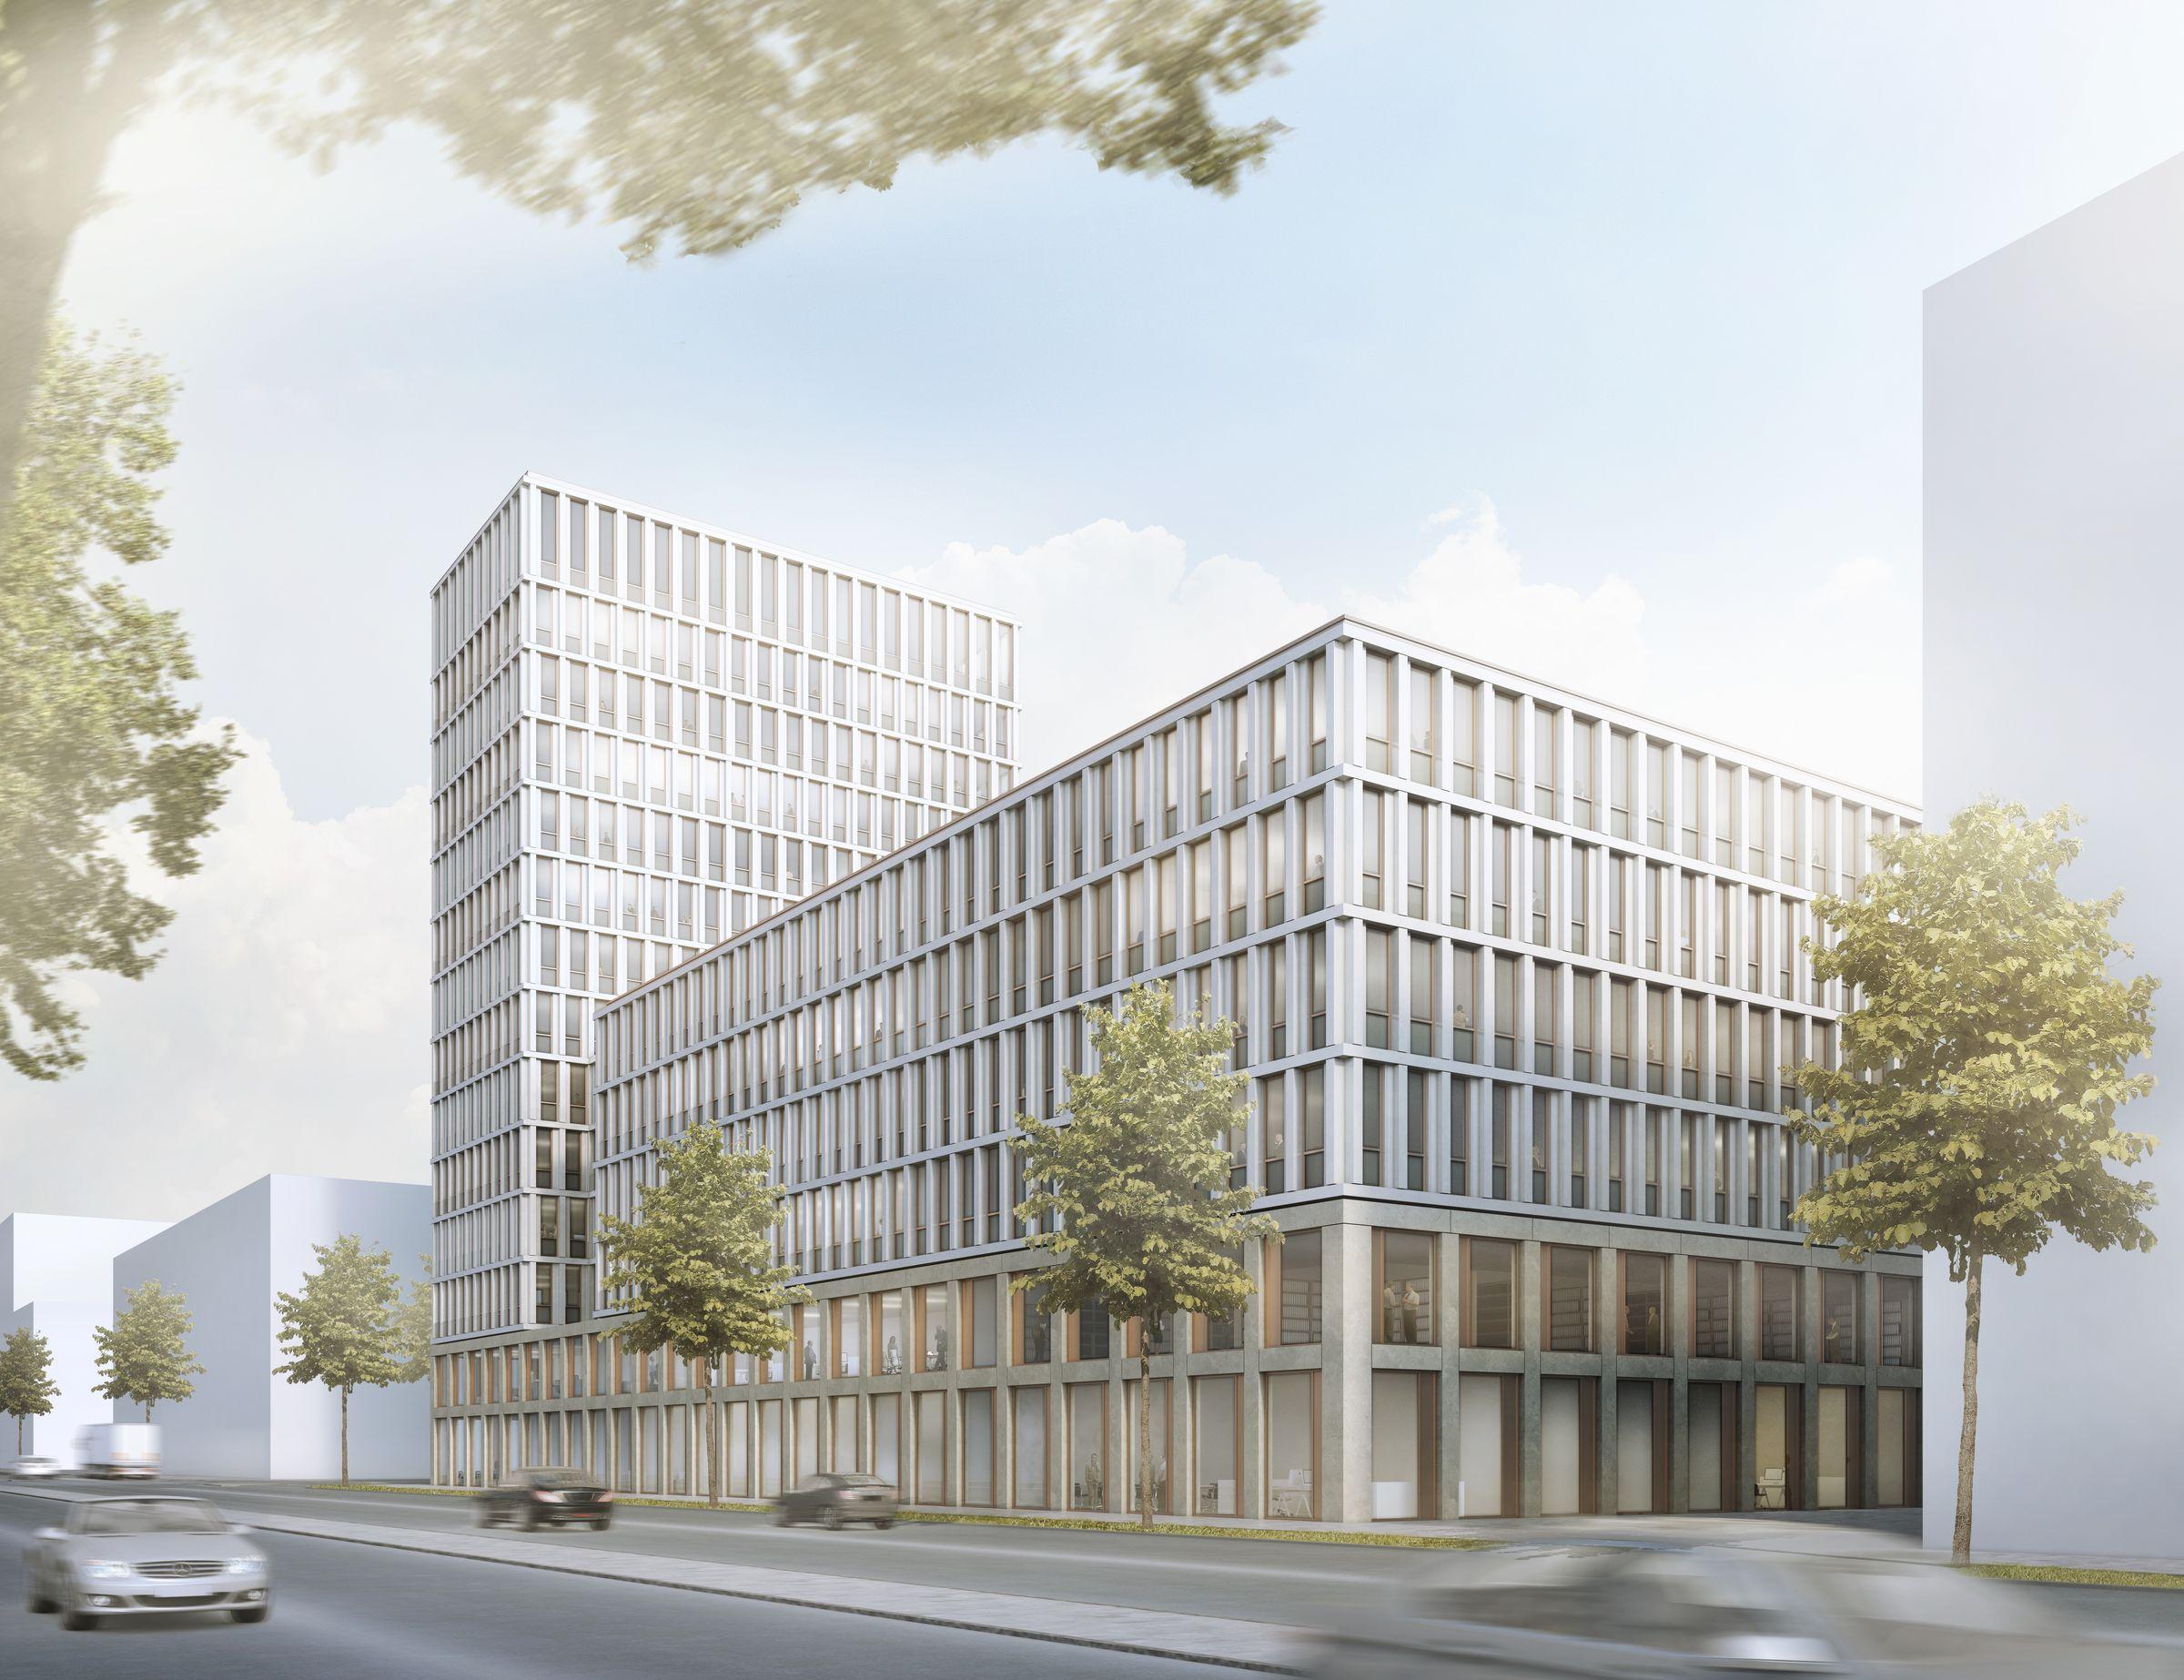 hks_architekten_Technisches_Rathaus_Mannheim_Nord_160401_02_auto